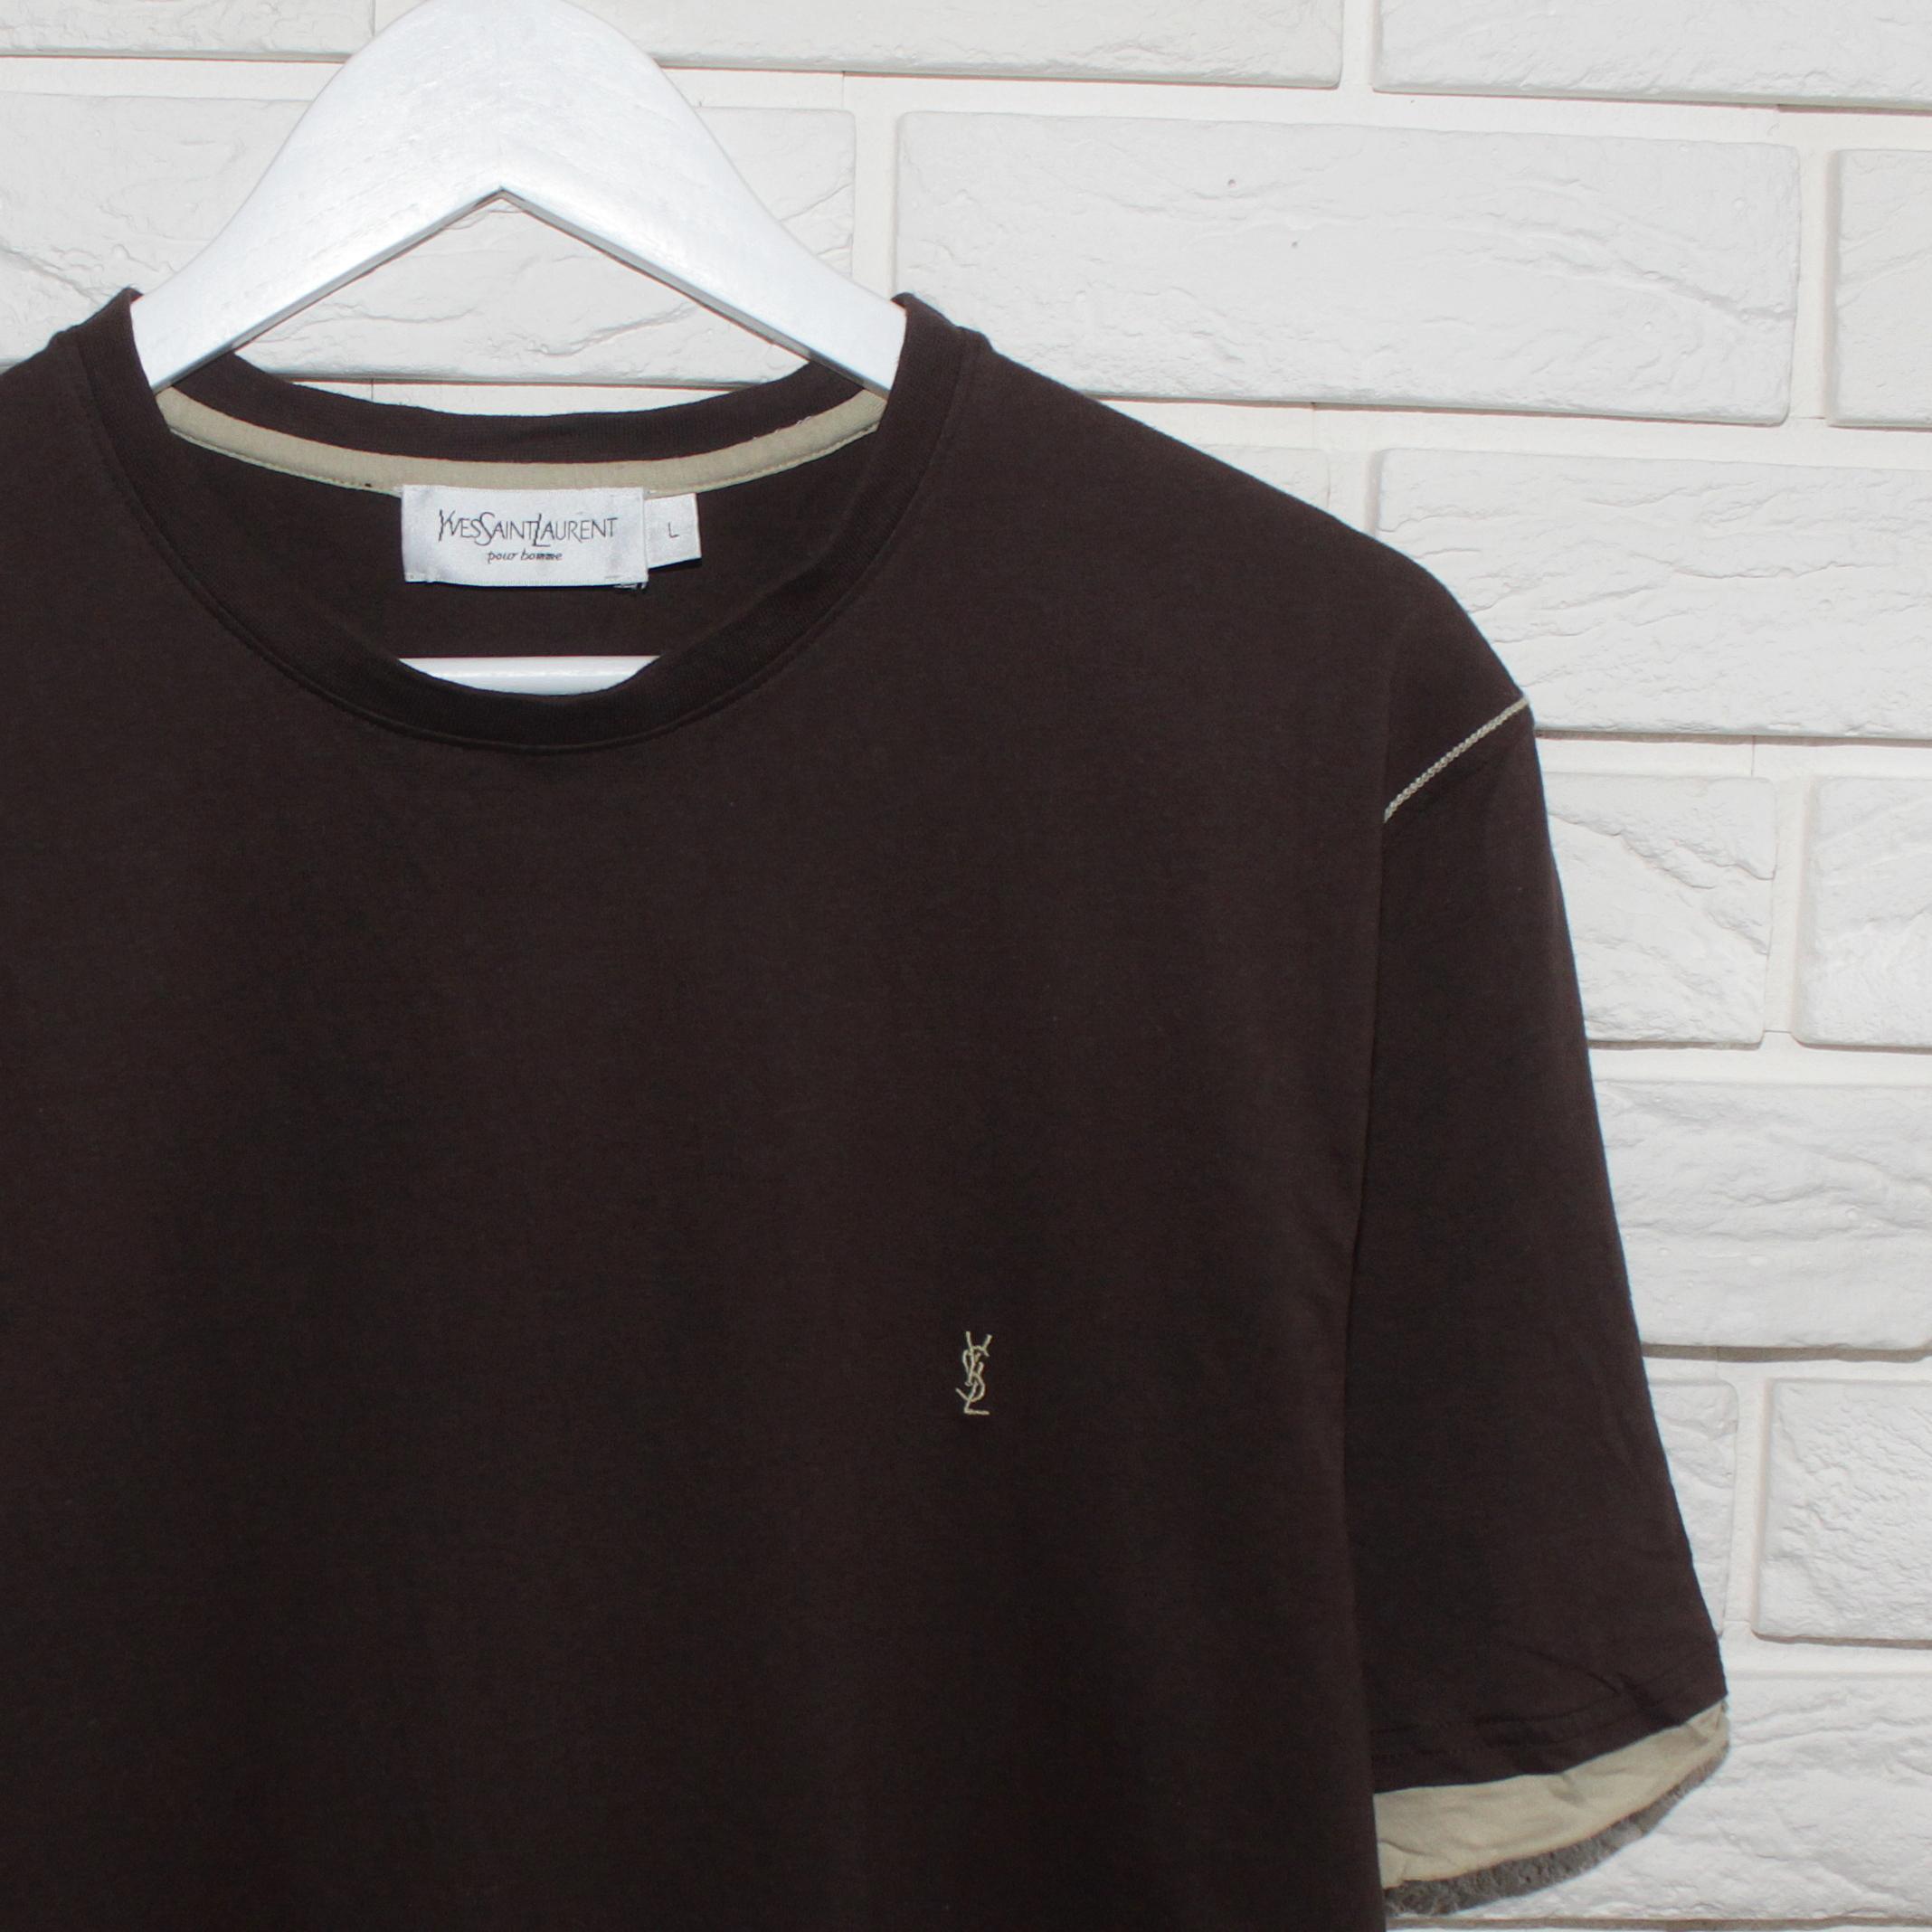 e572baa3cdf Saint Laurent Paris Vintage Ysl Yves Saint Laurent Mens Brown Short ...